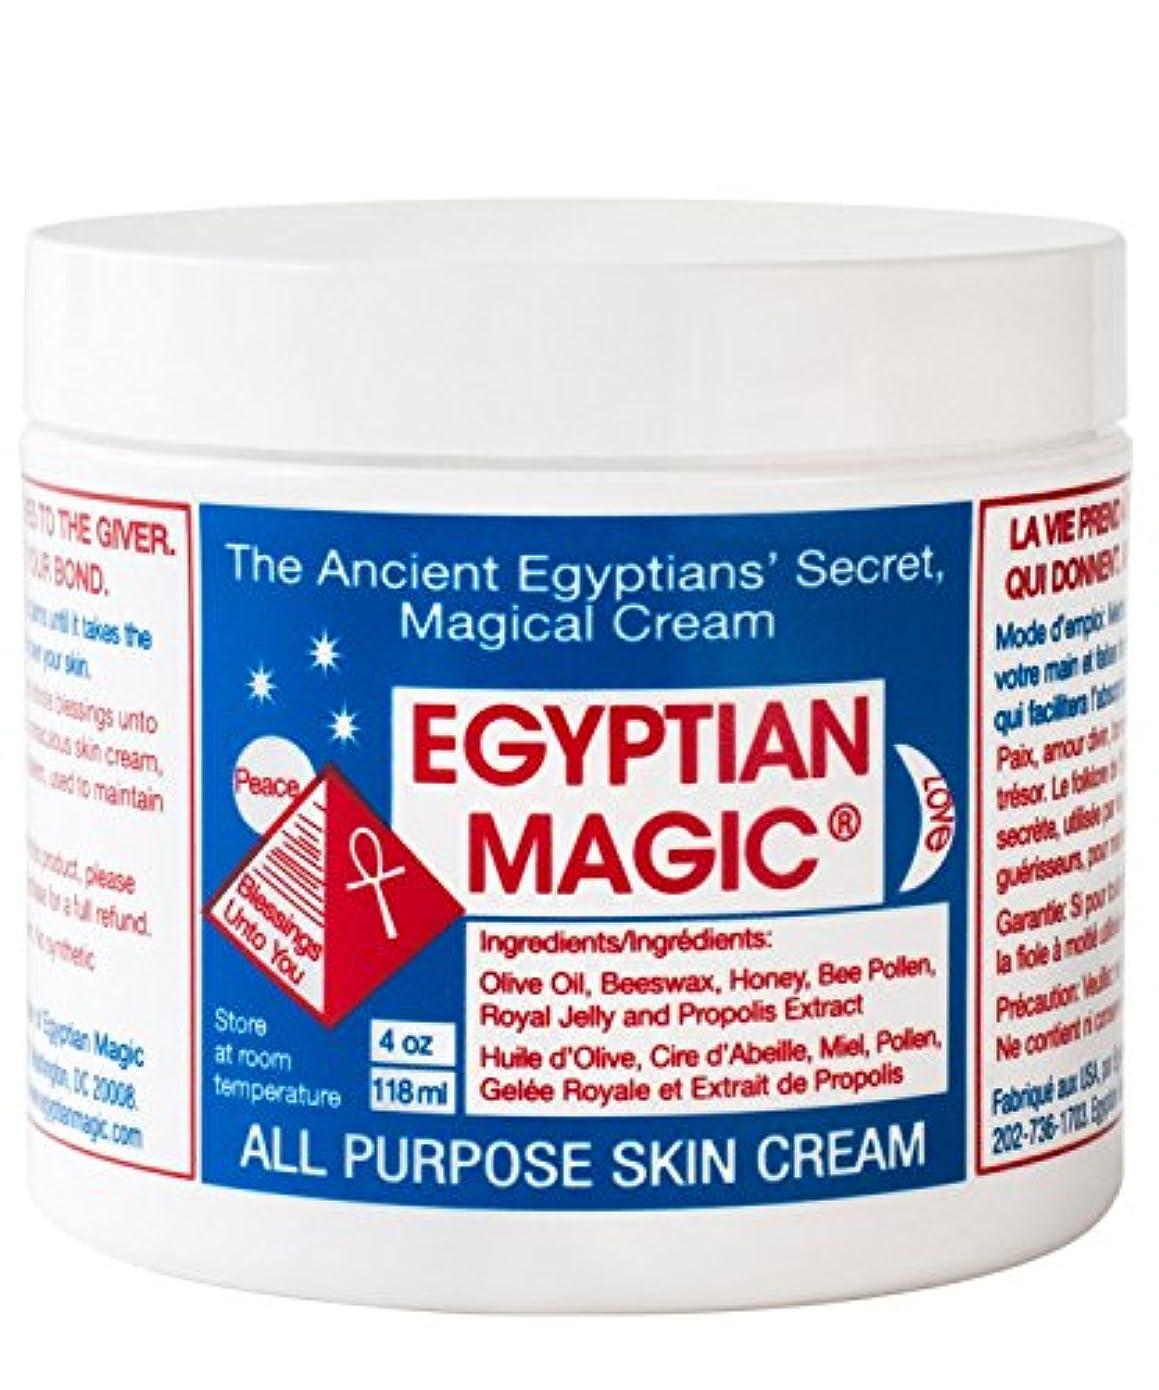 目指す有罪鳴らすEgyptian Magic All Purpose Skin Cream 118ml (Pack of 6) - エジプトの魔法の万能スキンクリーム118ミリリットル x6 [並行輸入品]